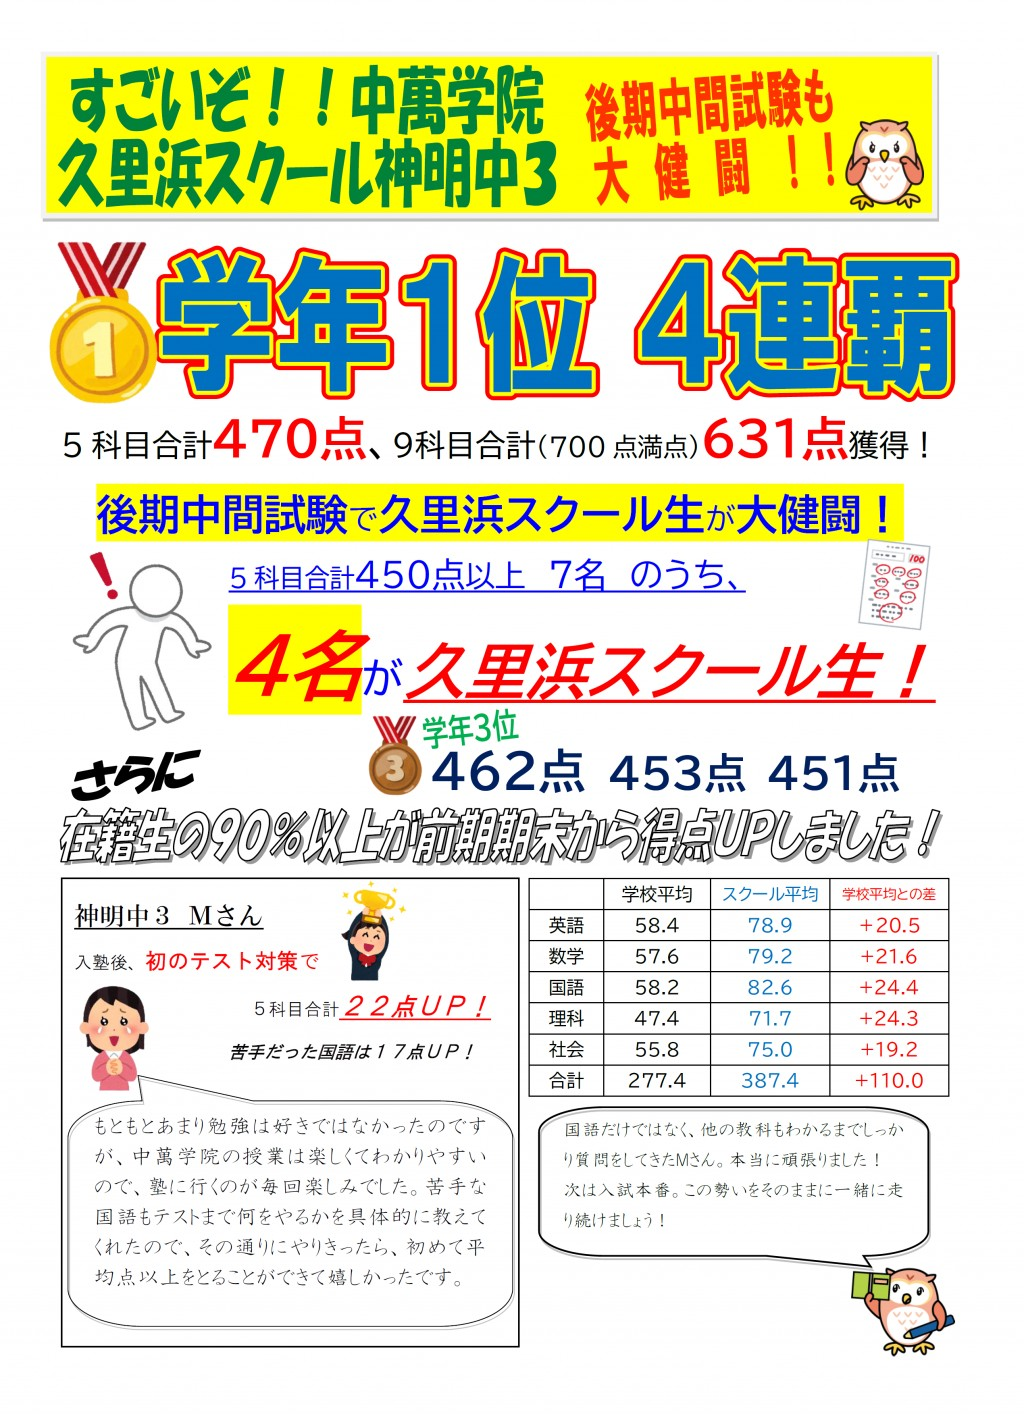 神明 1位 塾 中萬 集団 おすすめ 久里浜 浦賀 中学生